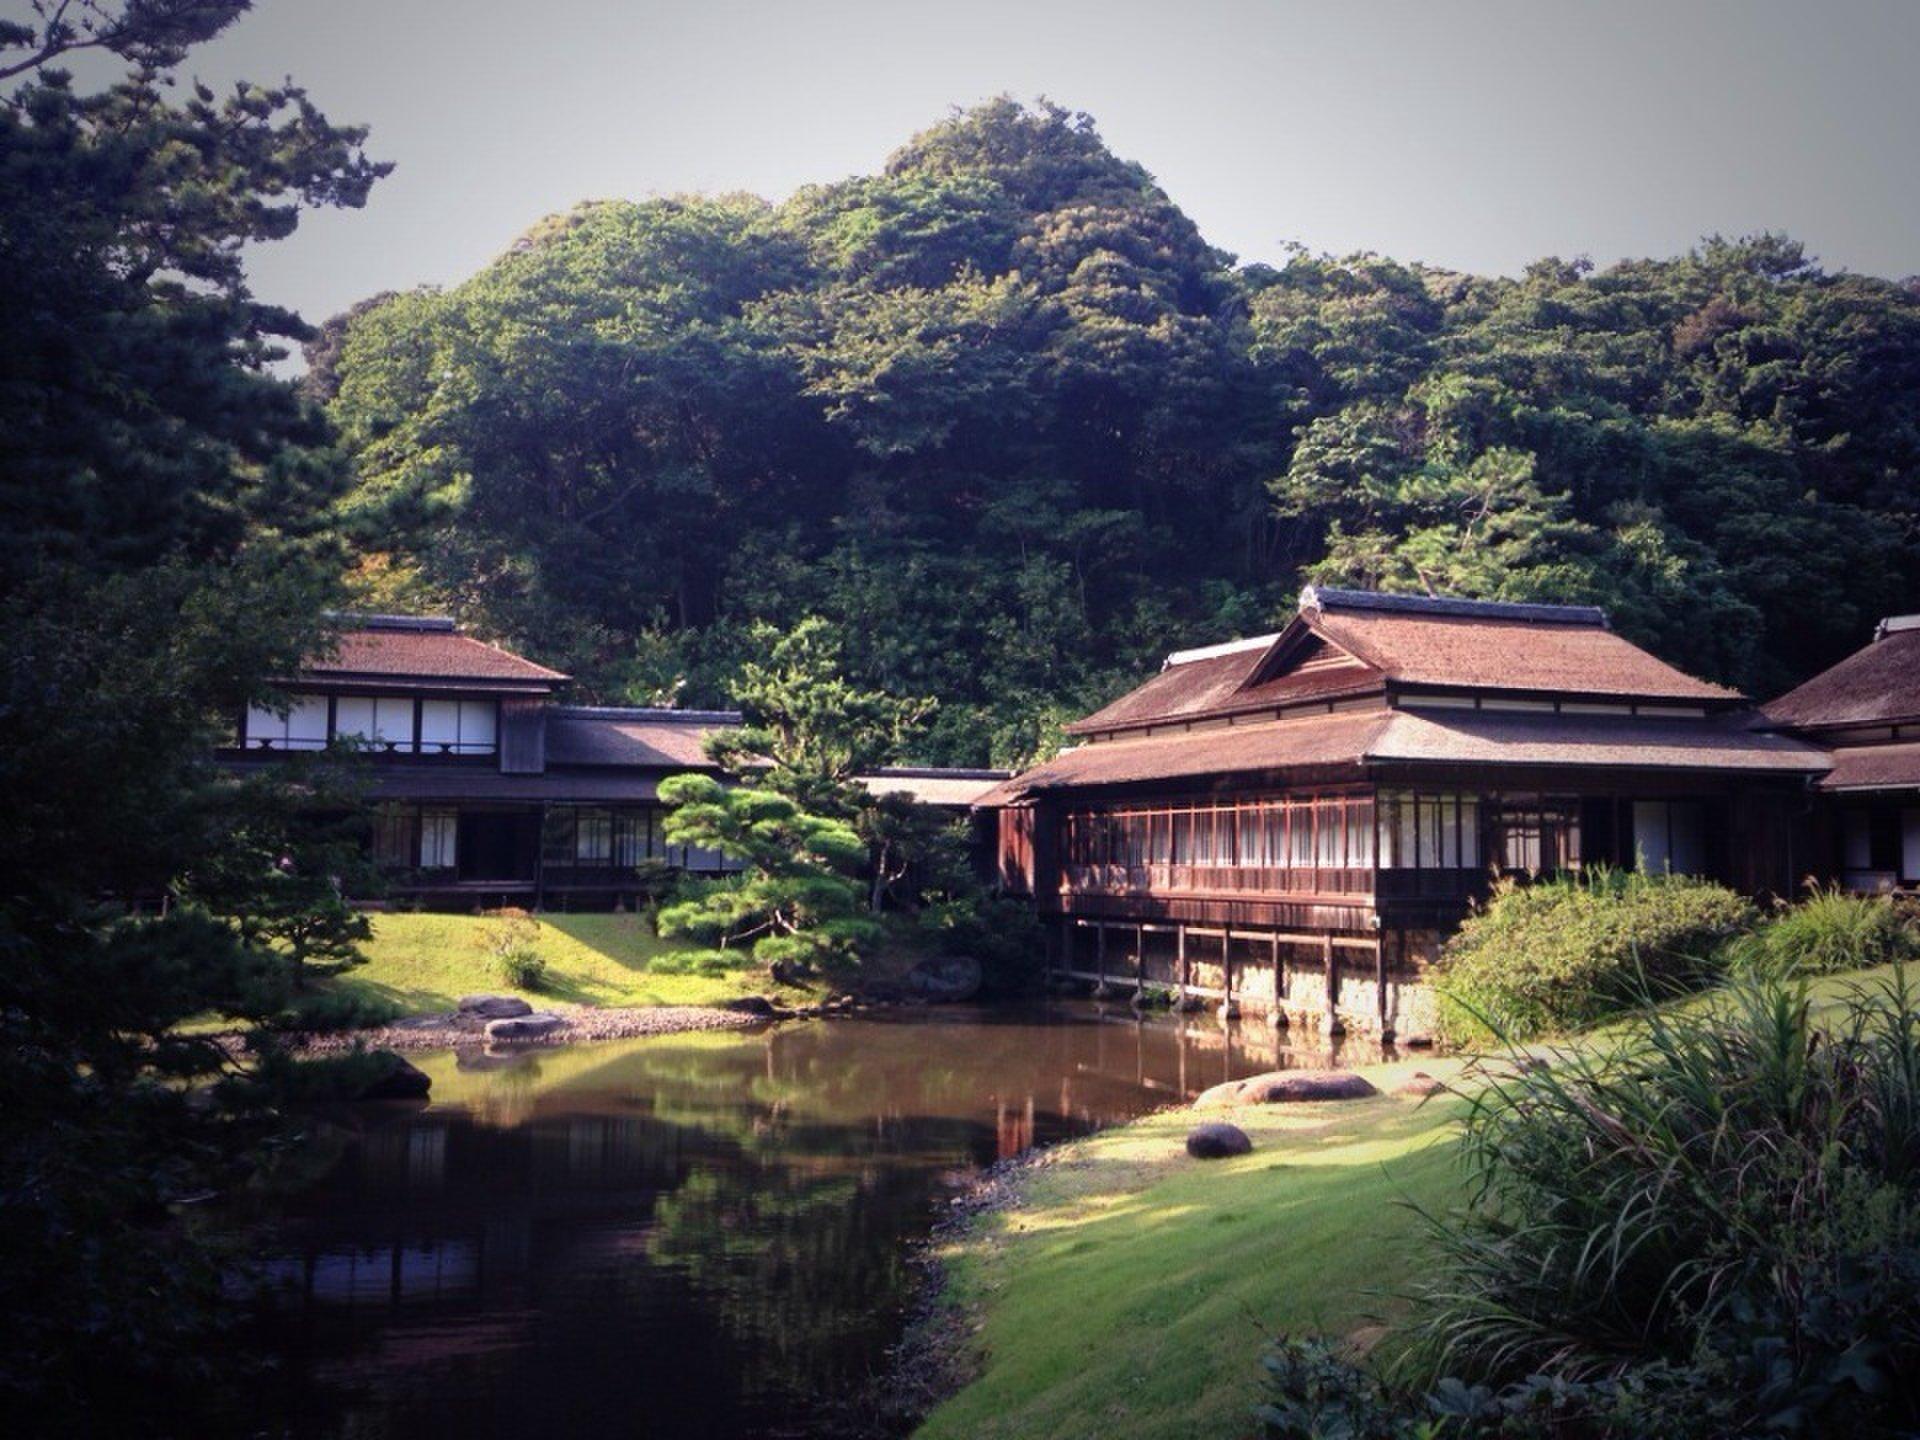 横浜、みなとみらいでサイクリング!「山下公園」〜「三渓園」へ。自然を感じて運動不足も解消